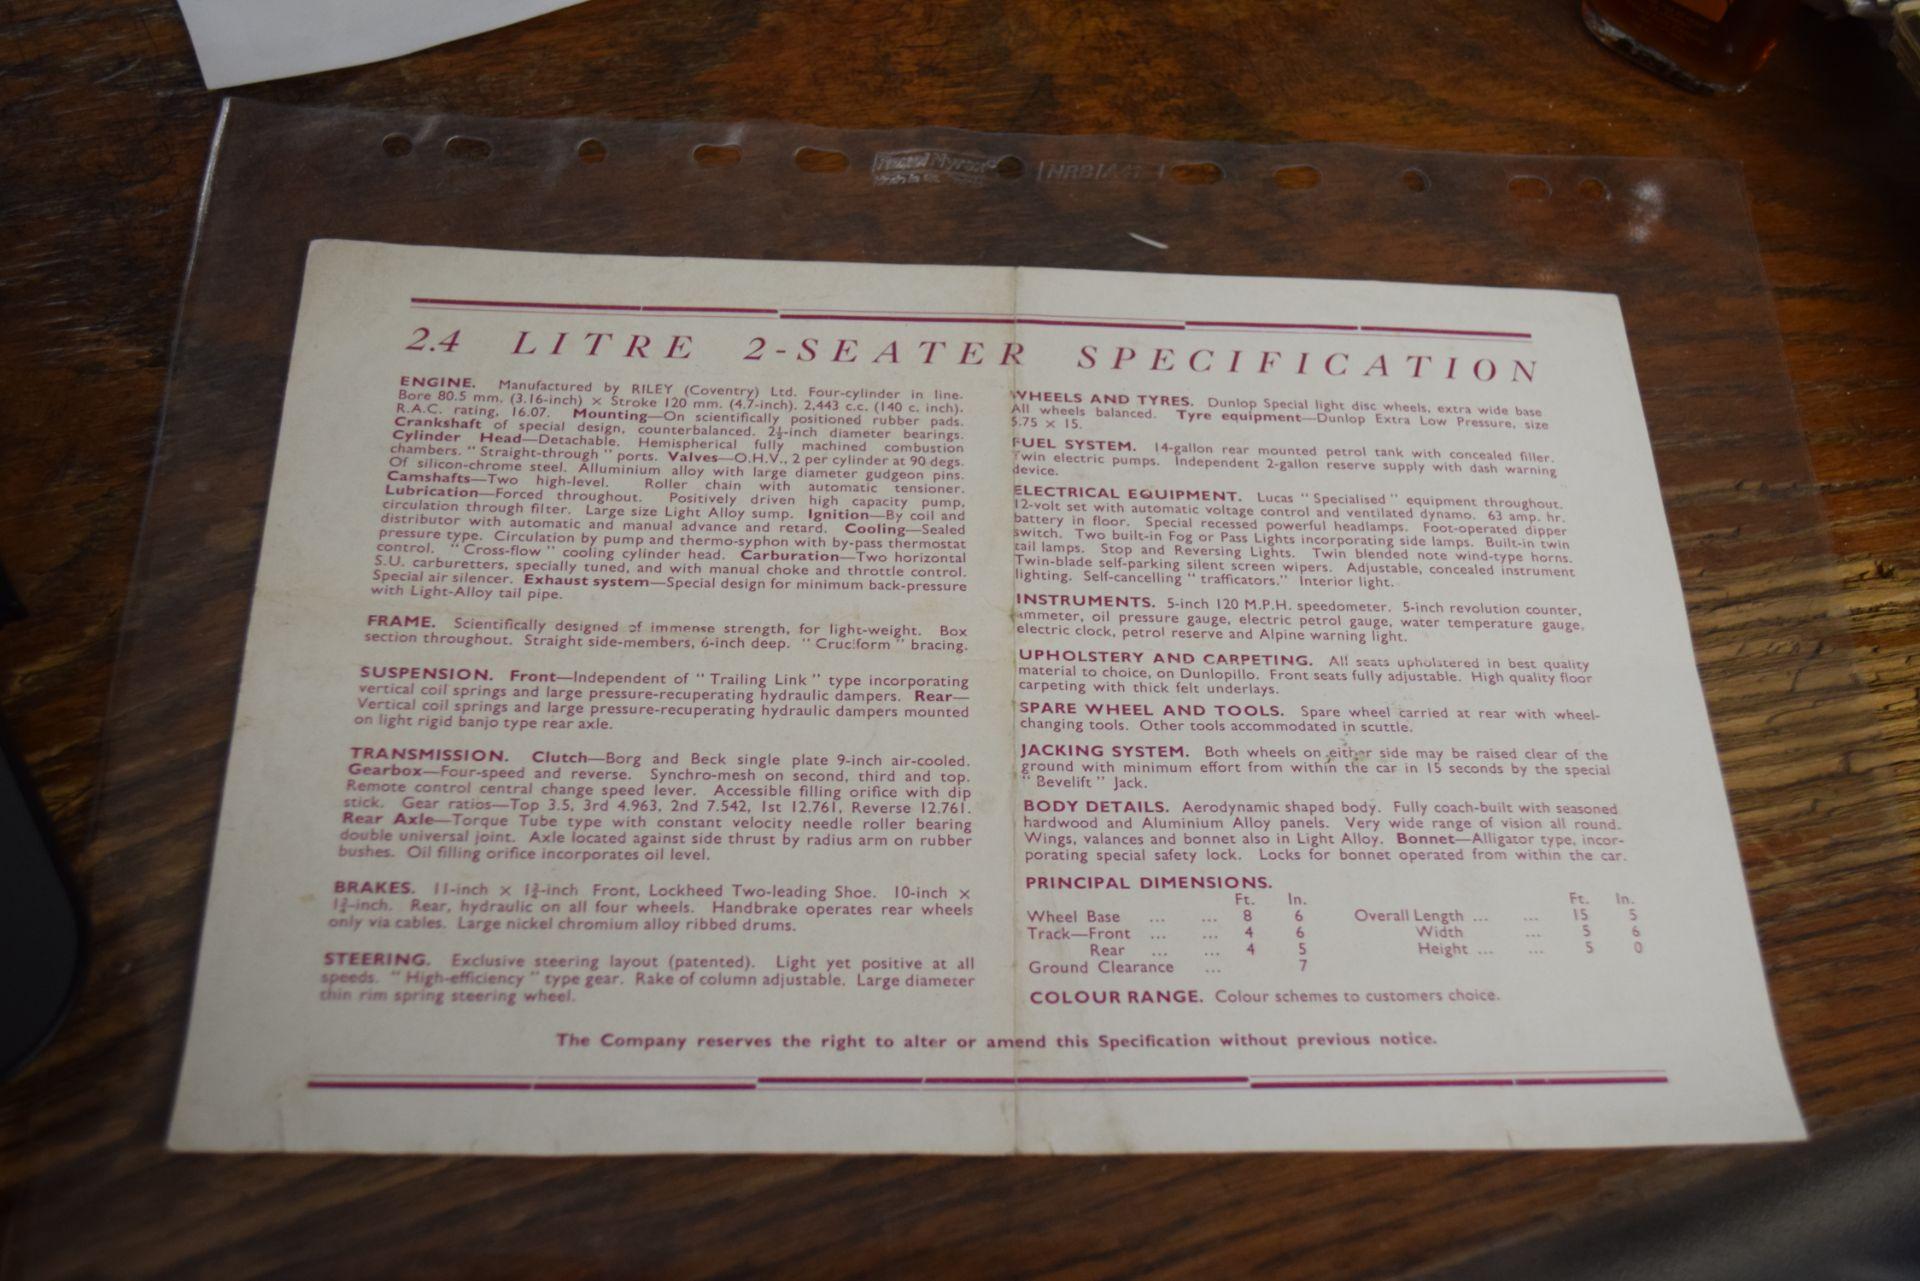 Healey Duncan Sales leaflet - Image 2 of 2